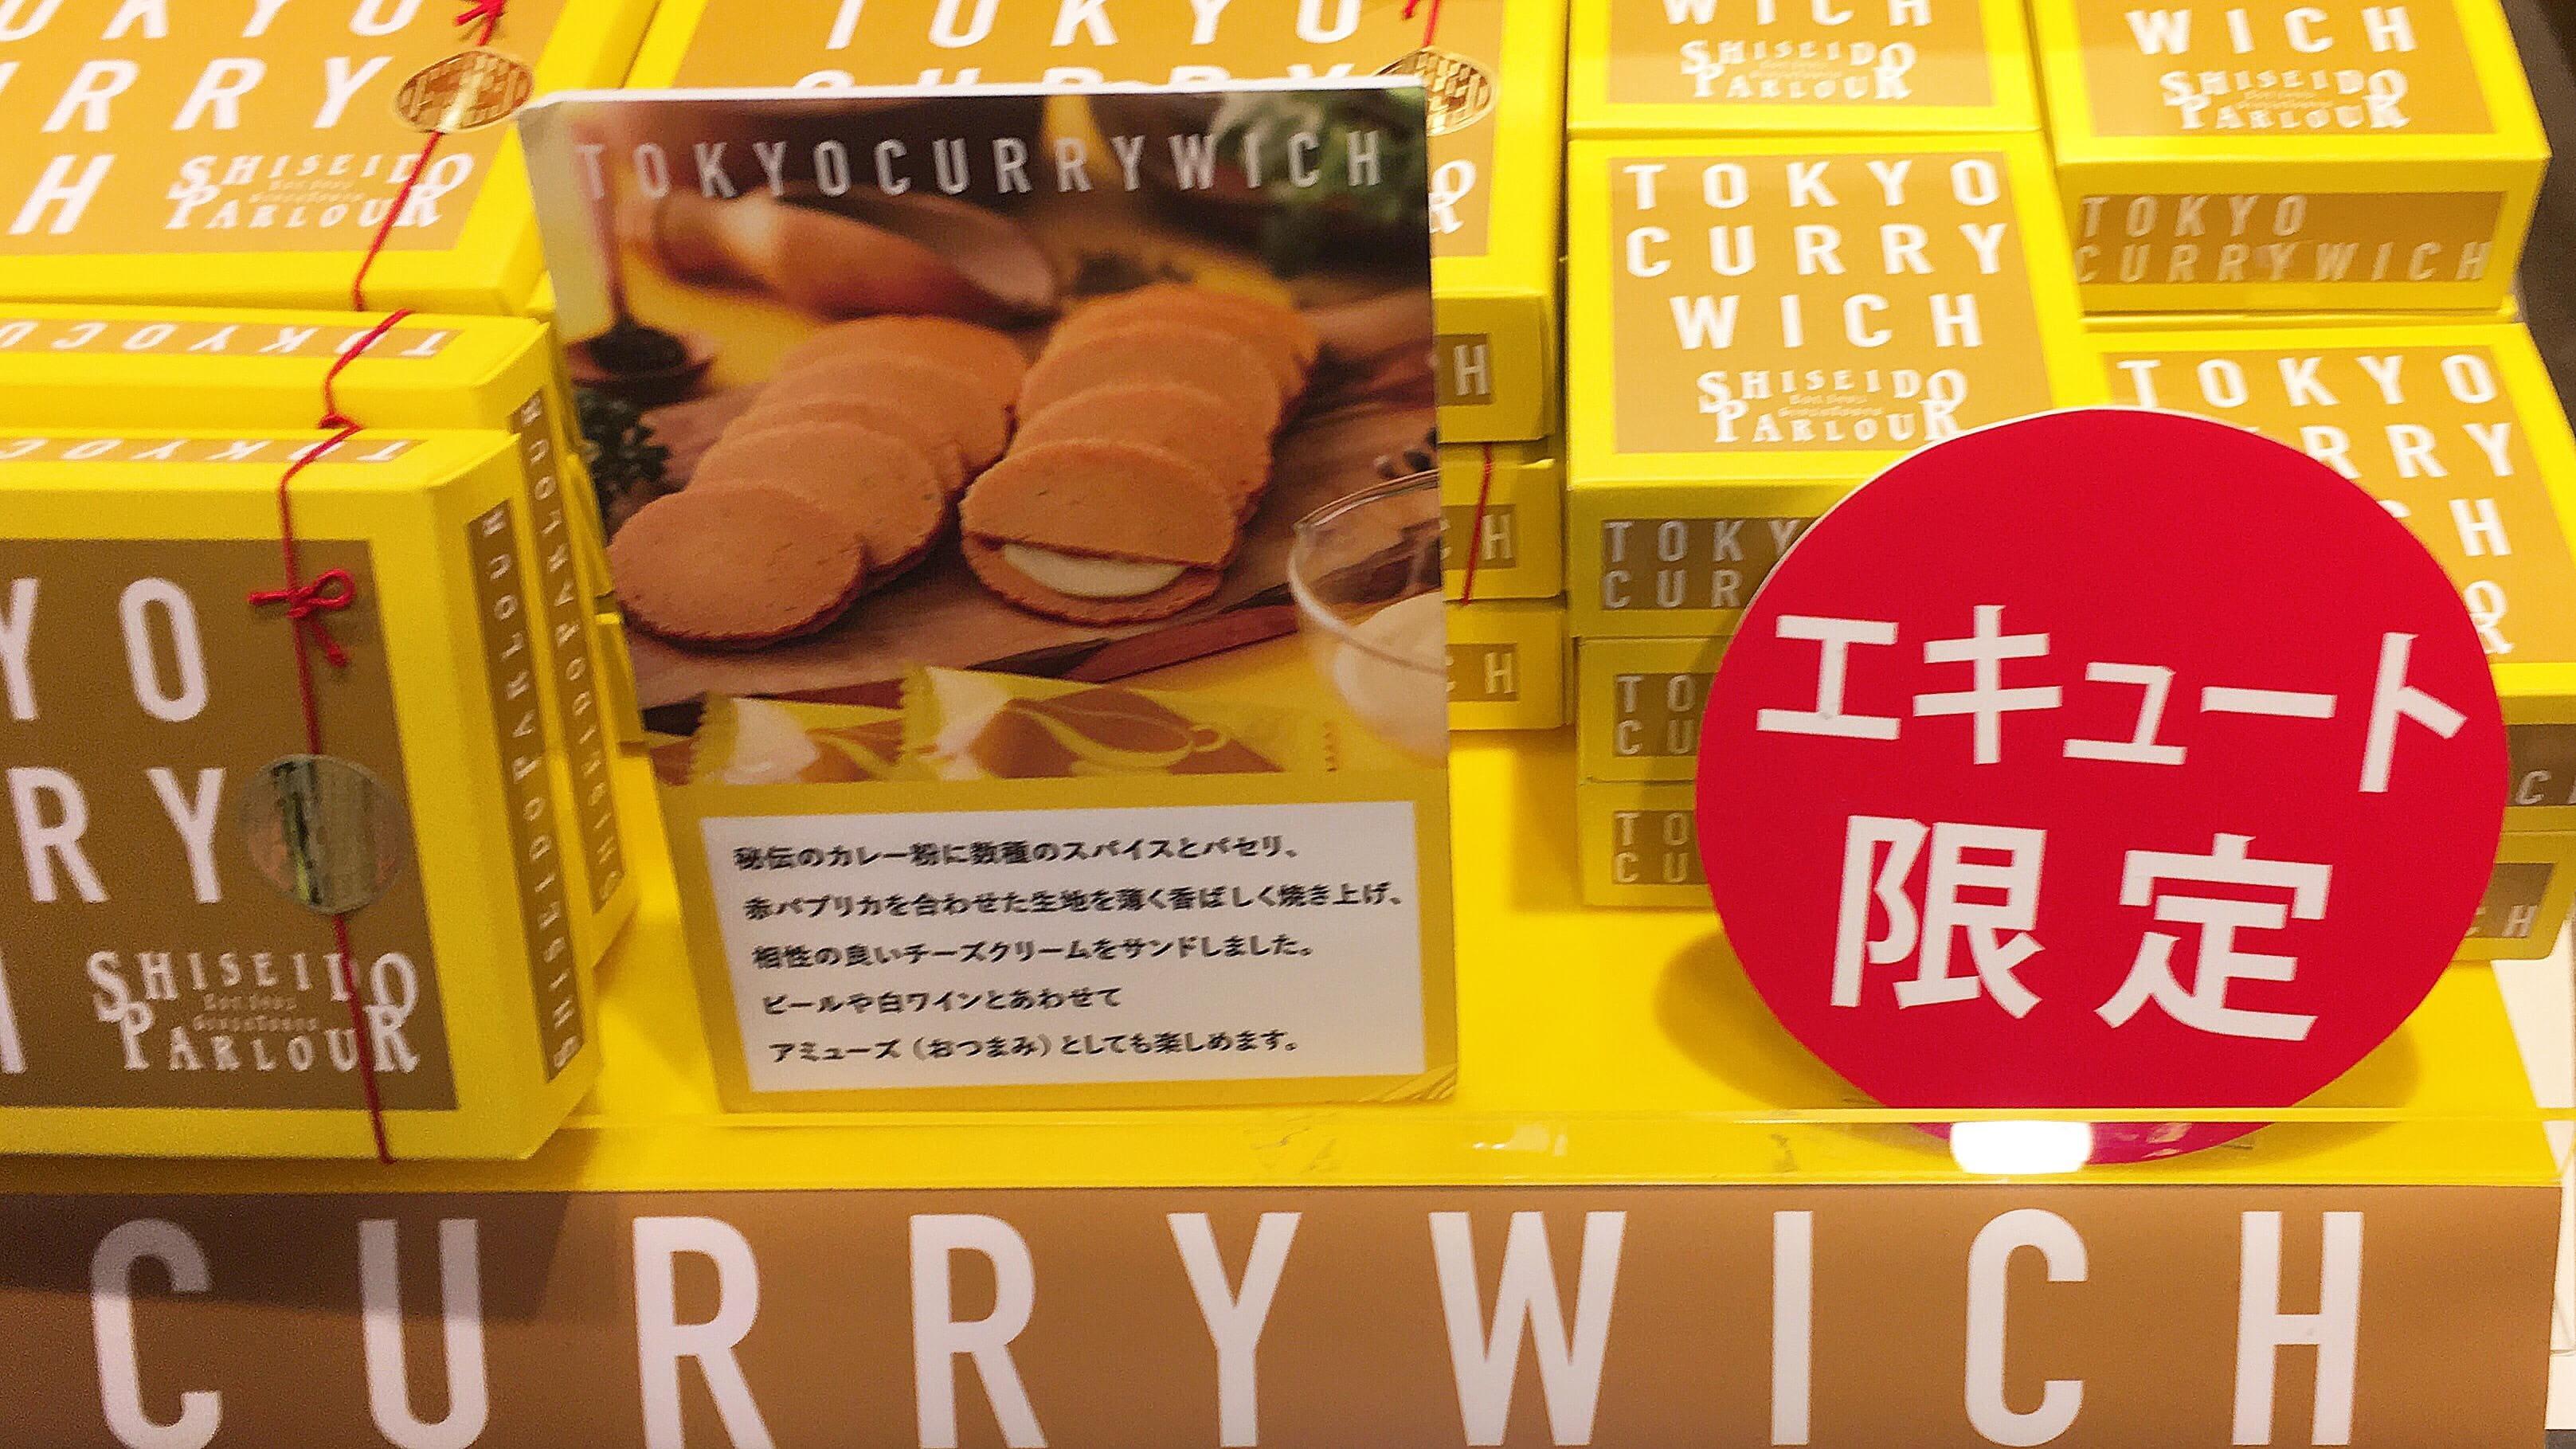 資生堂パーラーエキュート東京店の限定のお土産カレーウィッチ